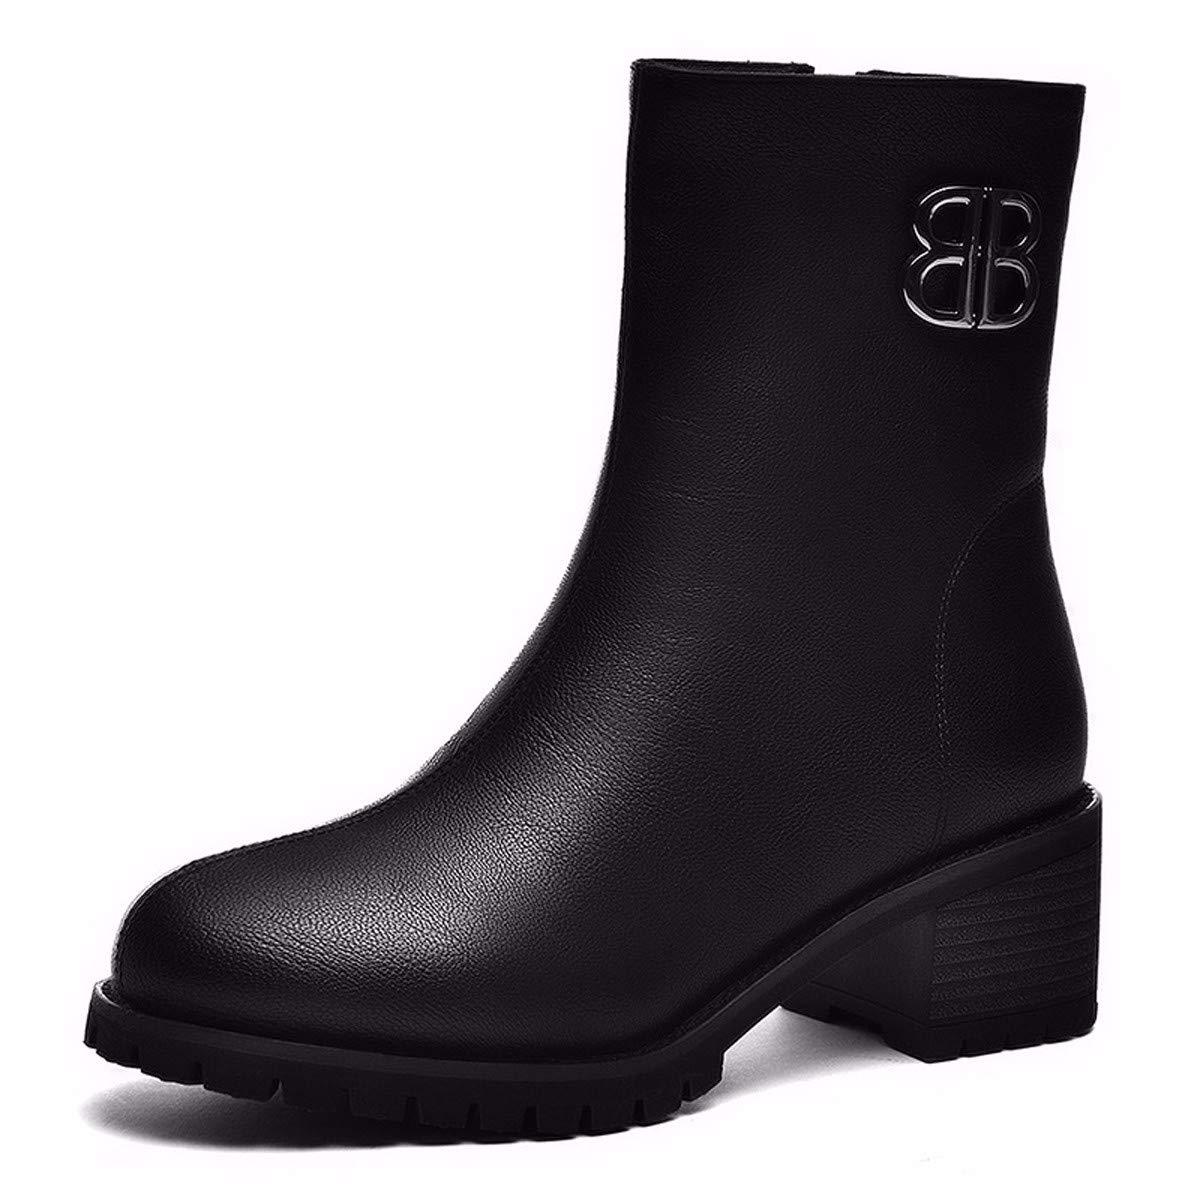 GTVERNH Frauen Schuhe Grobe Betuchte Stiefel Herbst Und Winter Reißverschlüsse Kurze Läufe Meine Damen Martin Stiefeln Dicken Sohlen Frauen - Stiefel